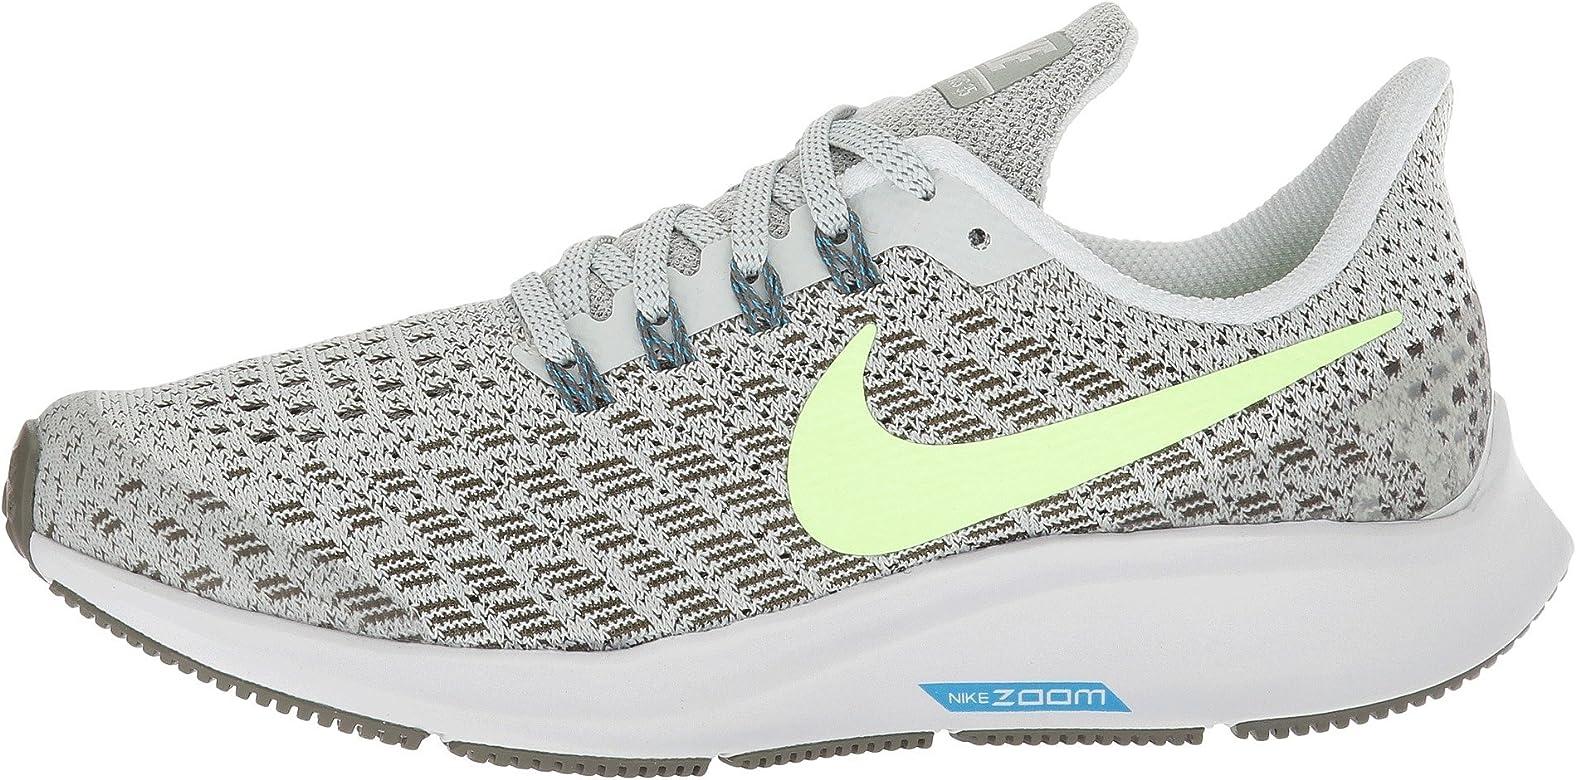 Nike Air Zoom Pegasus 35 (GS), Zapatillas para Hombre, Multicolor (Light Silver/Lime Blast/Twilight Marsh 001), 39 EU: Amazon.es: Zapatos y complementos